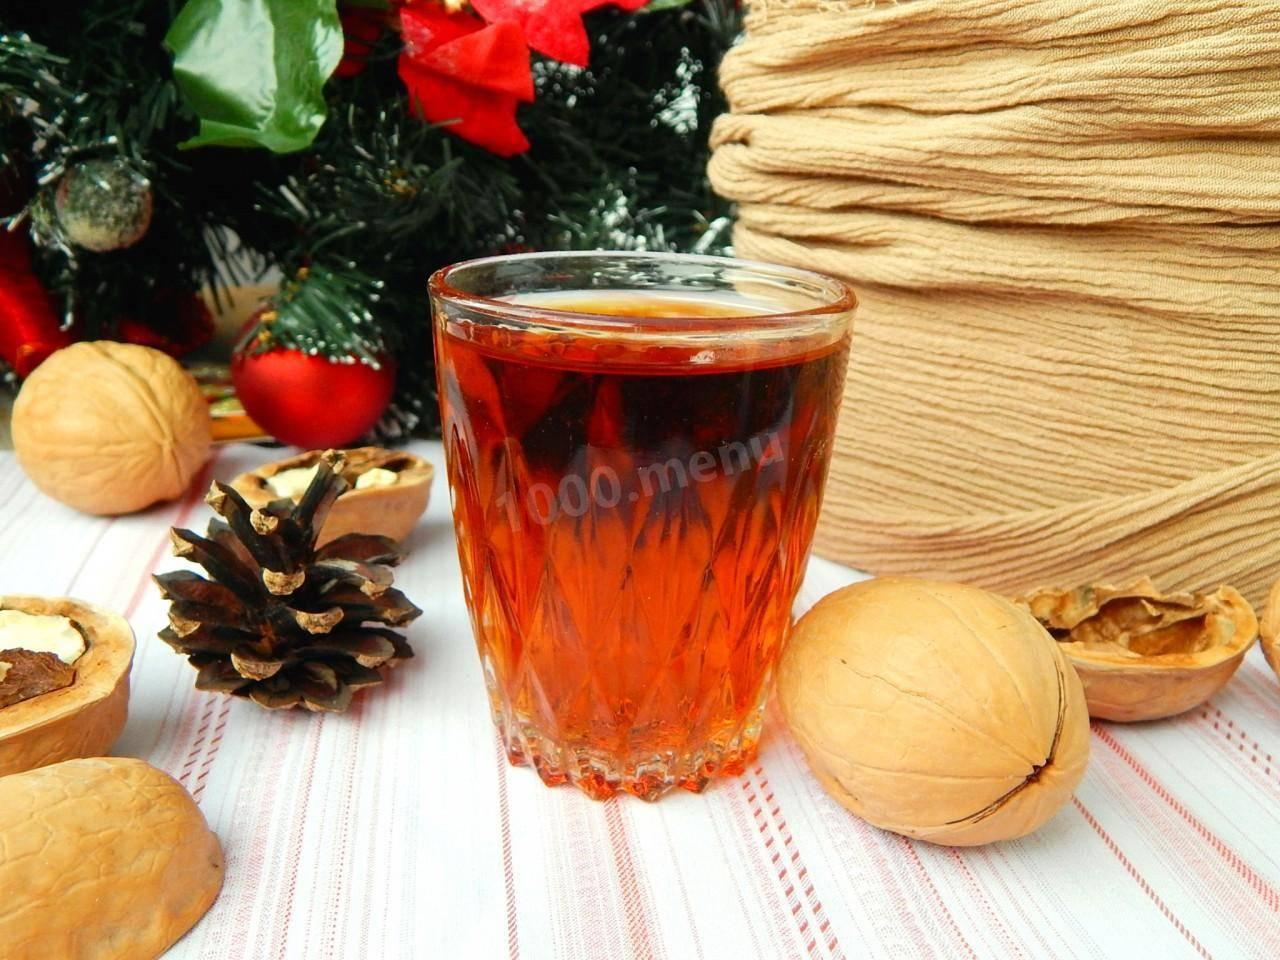 Перегородки грецких орехов - настои, настойки и рецепты применения